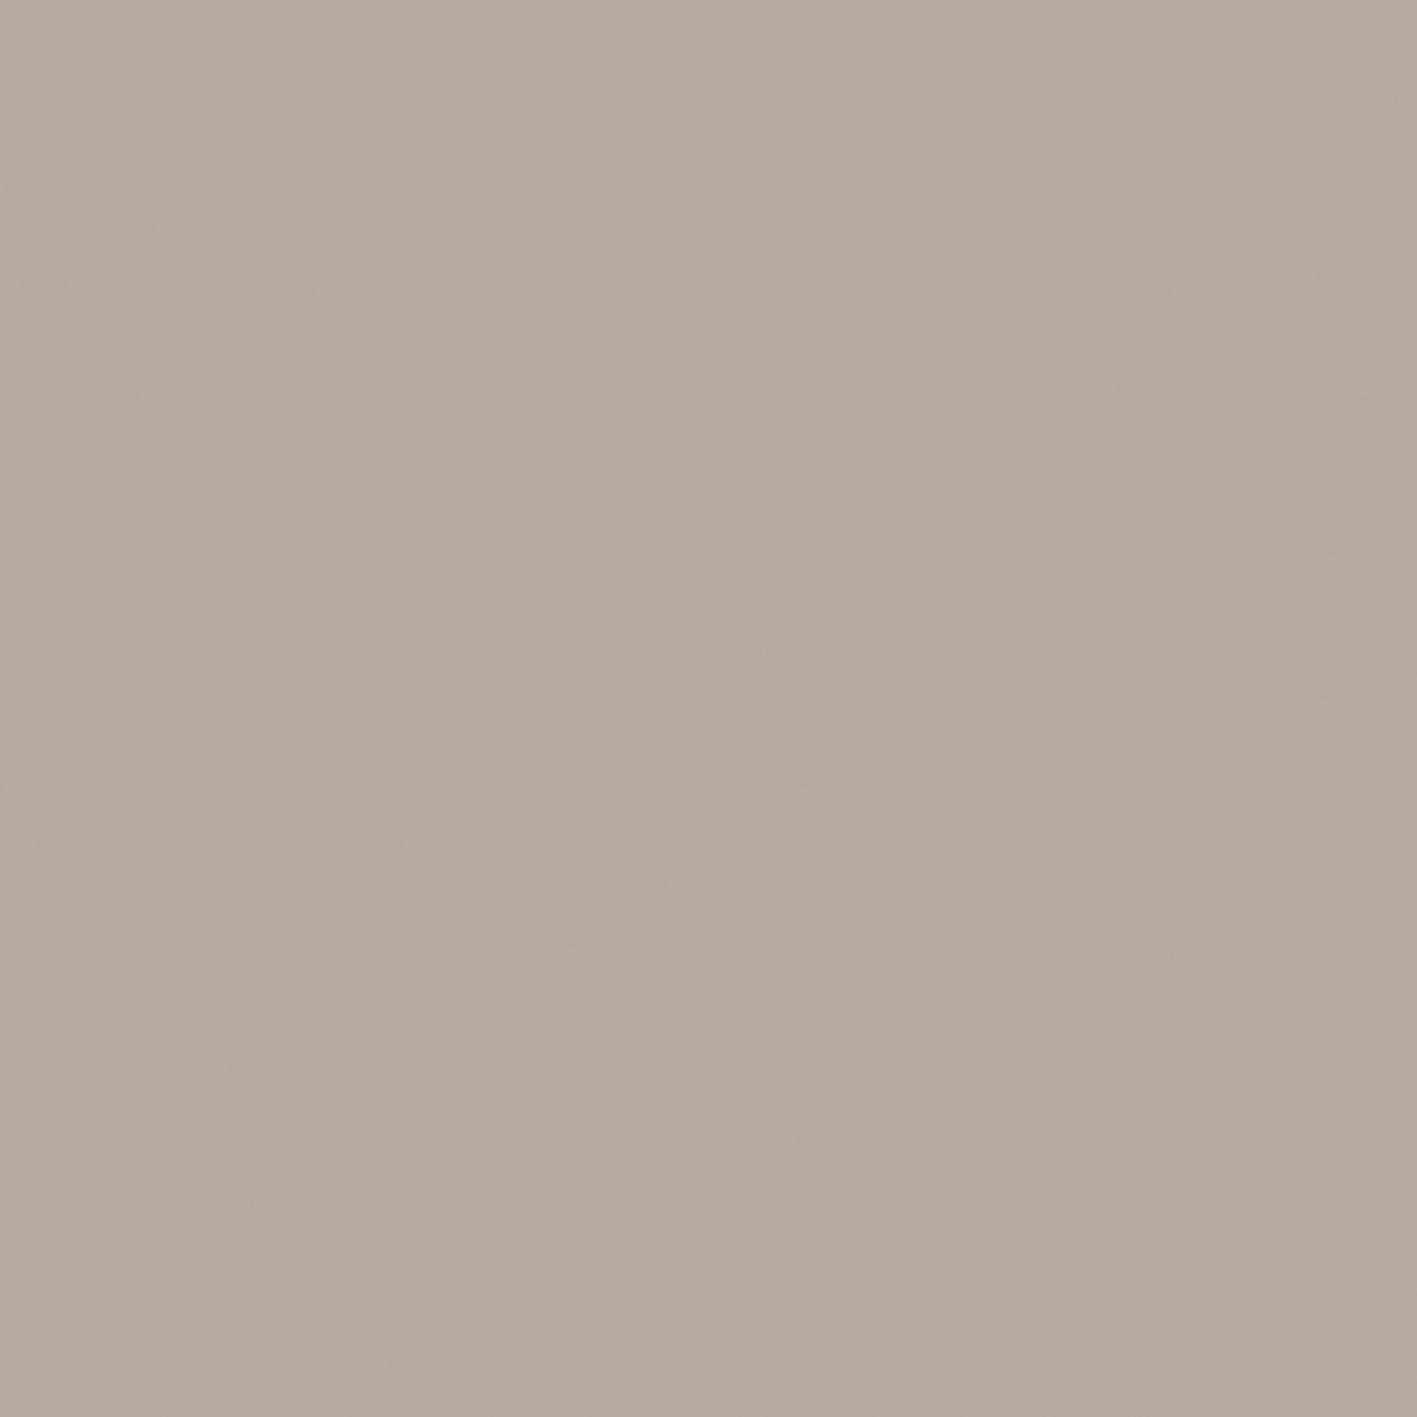 80ba83e coverlam basic taupe 120×120 rgb